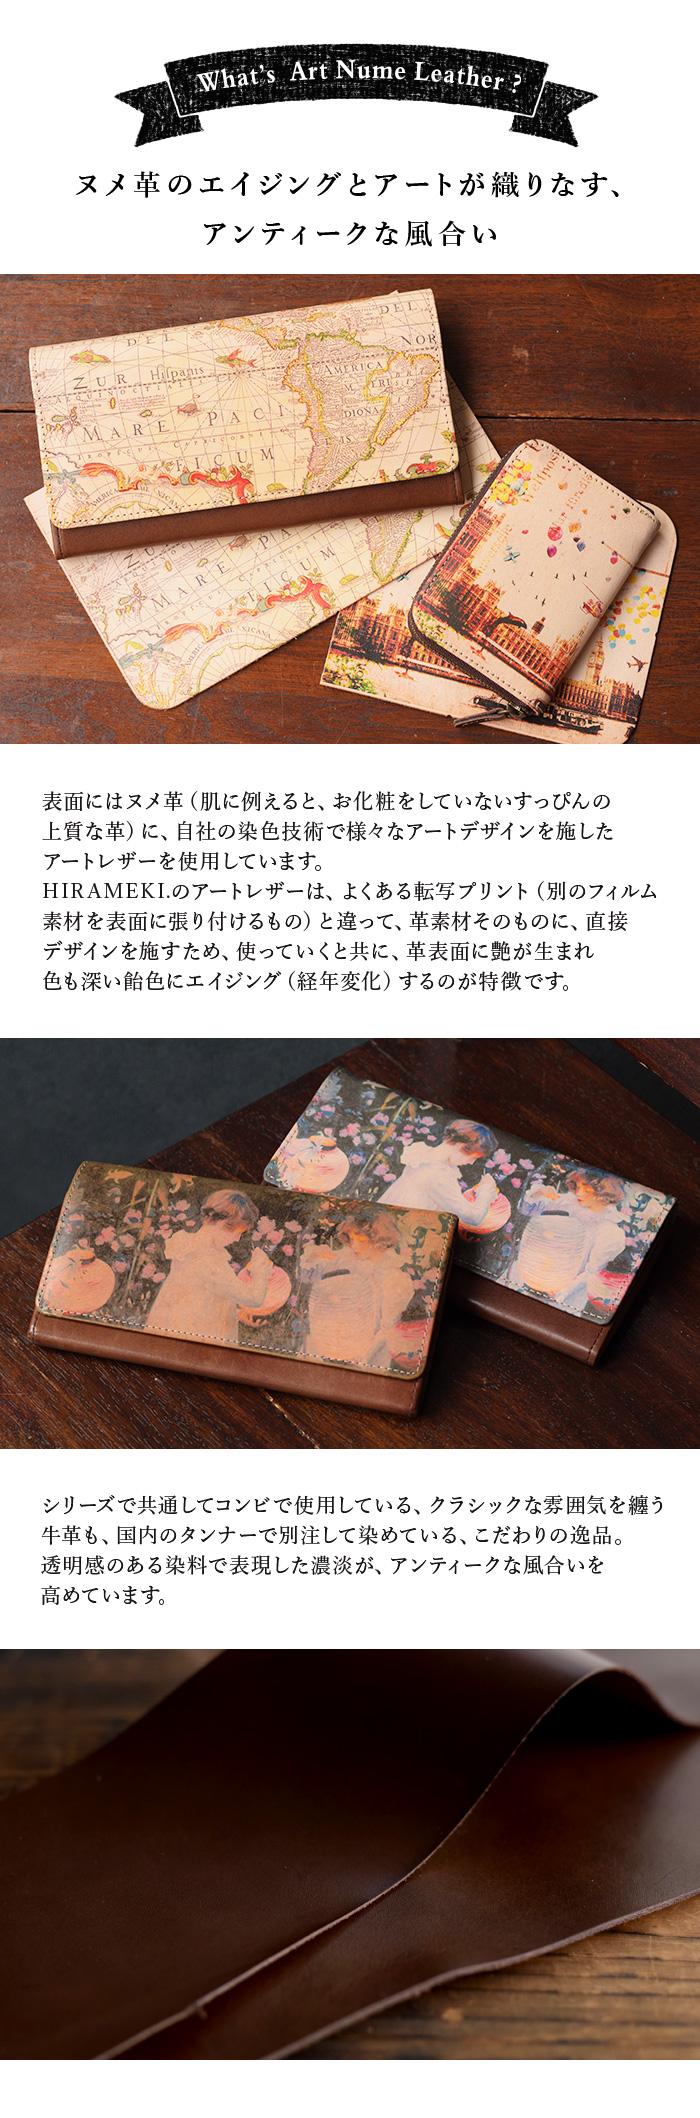 アートヌメレザーとは、ヌメ革に自社の染色技術で様々なアートデザインを施したシリーズです。使っていくと共に革表面に艶が生まれ、色も深い飴色にエイジング(経年変化)するのが特徴です。